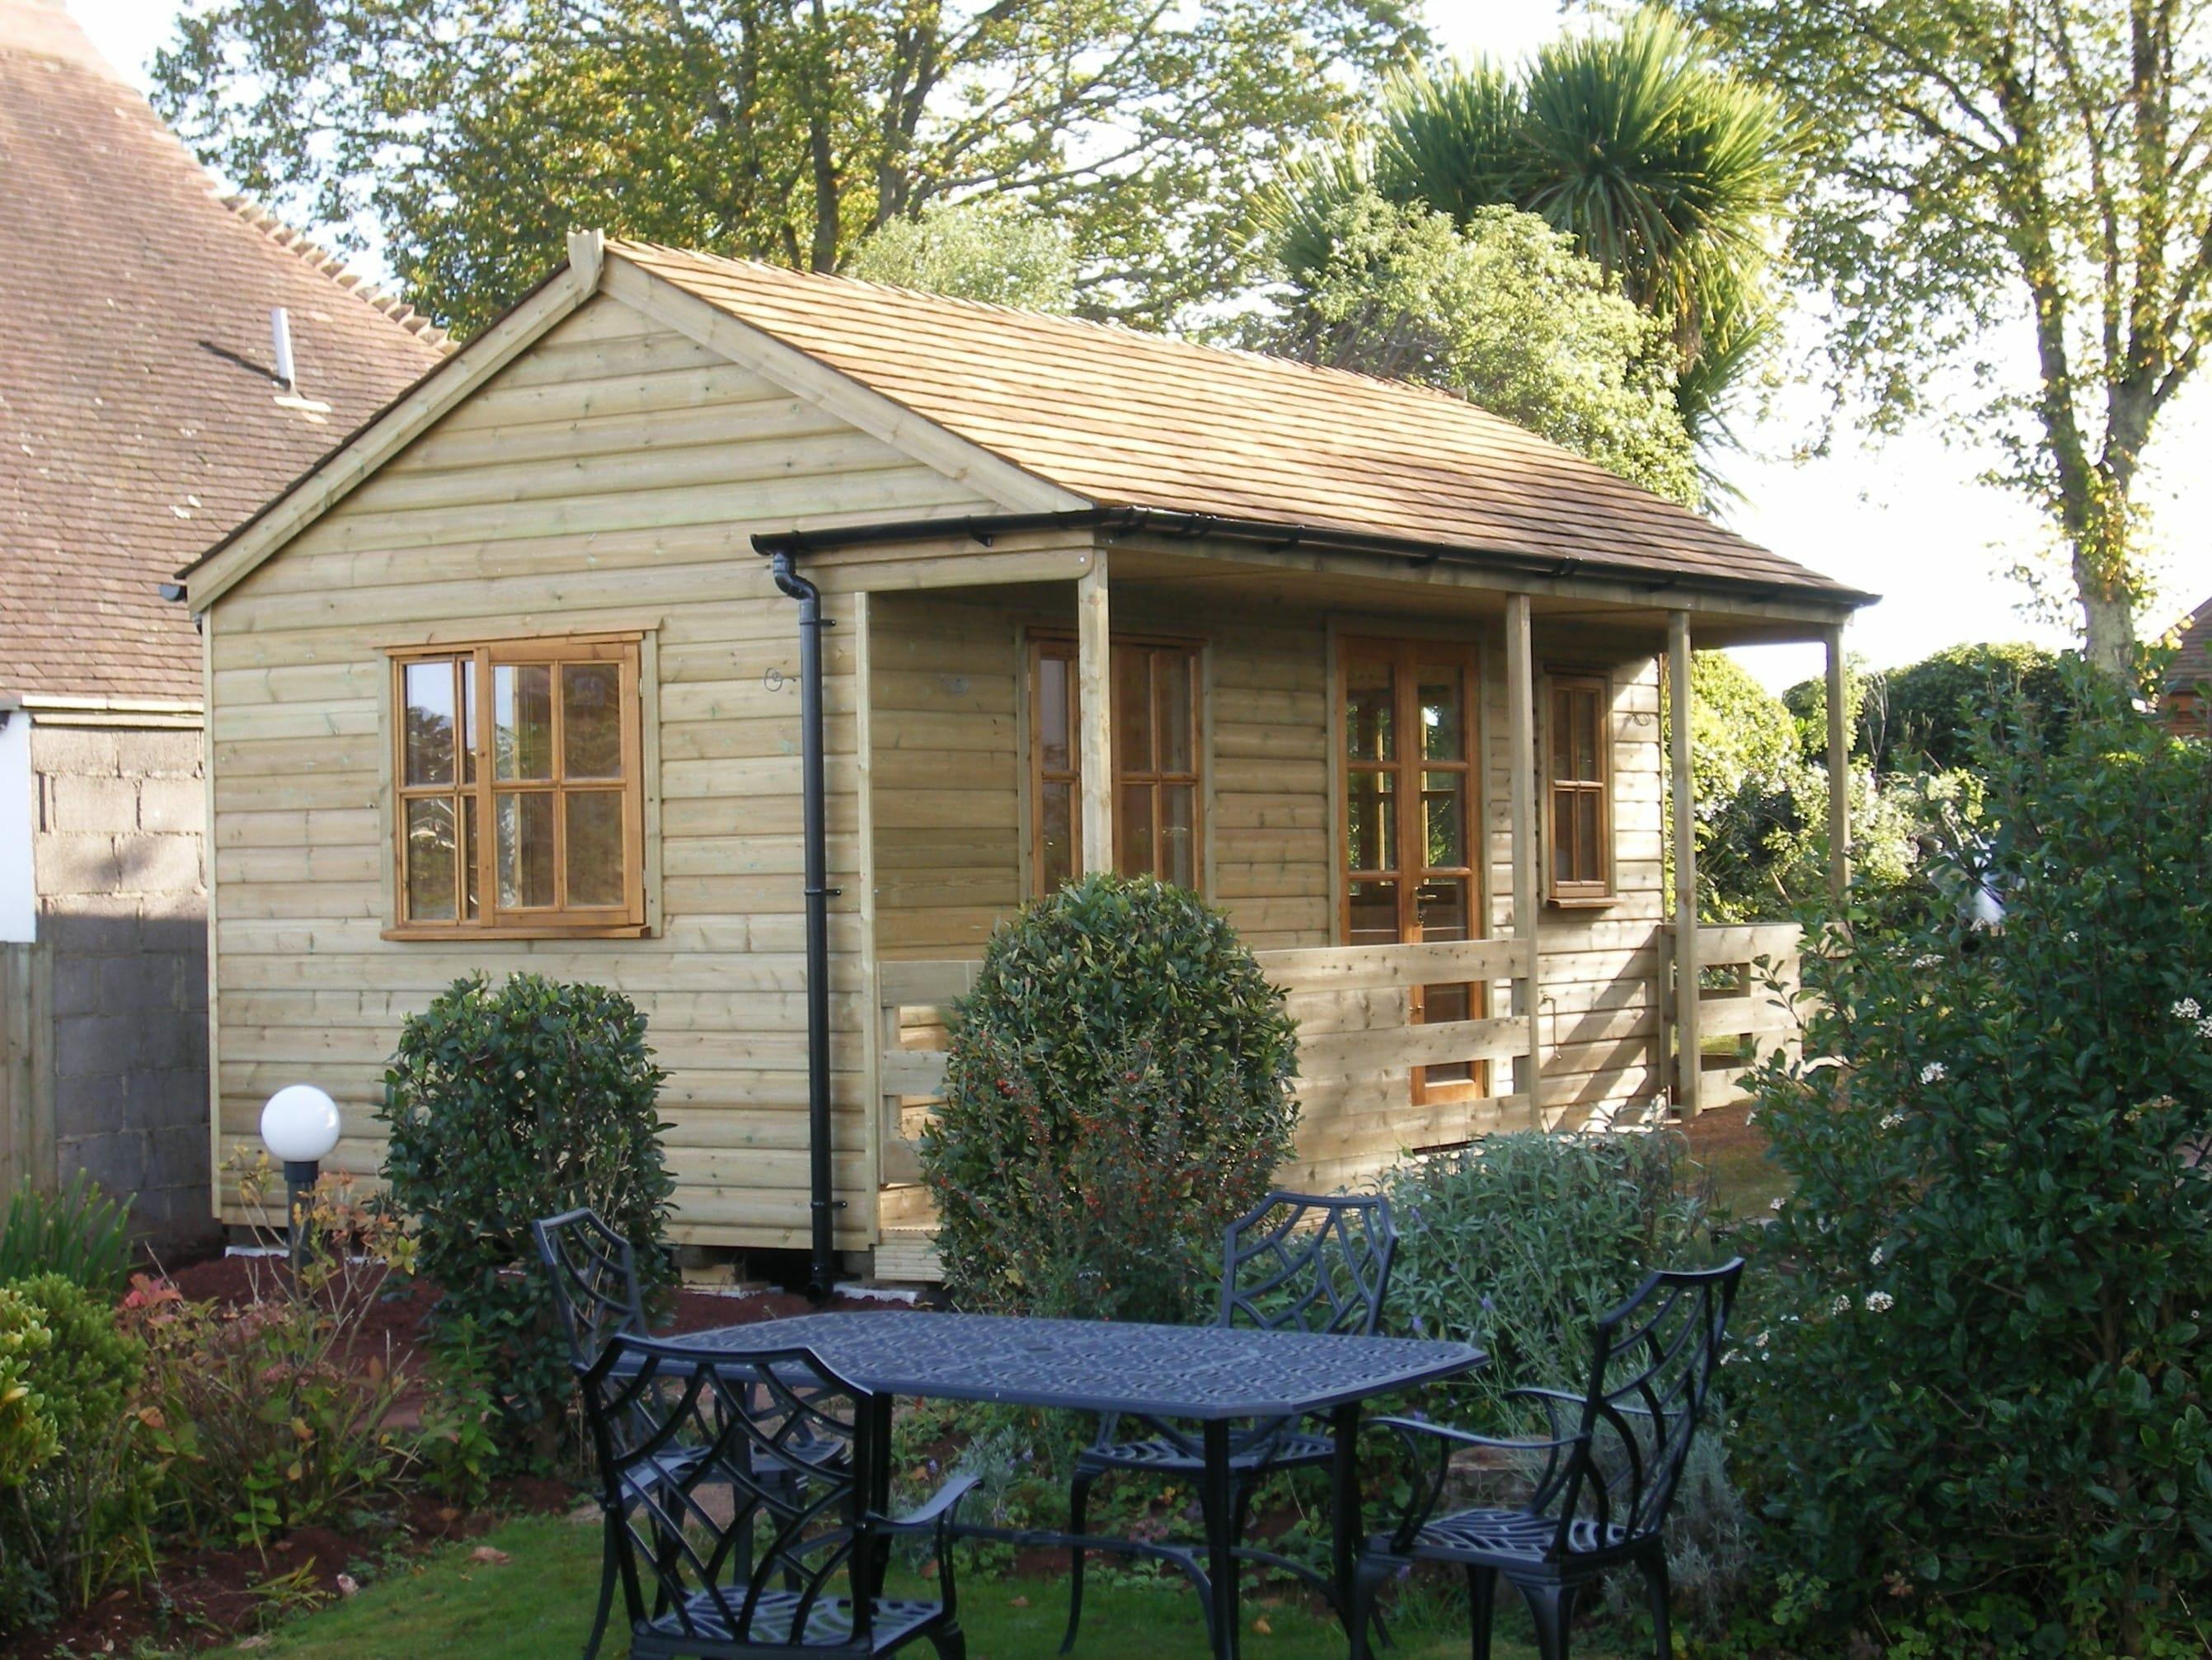 Cedar roofed summerhouse in Torquay garden